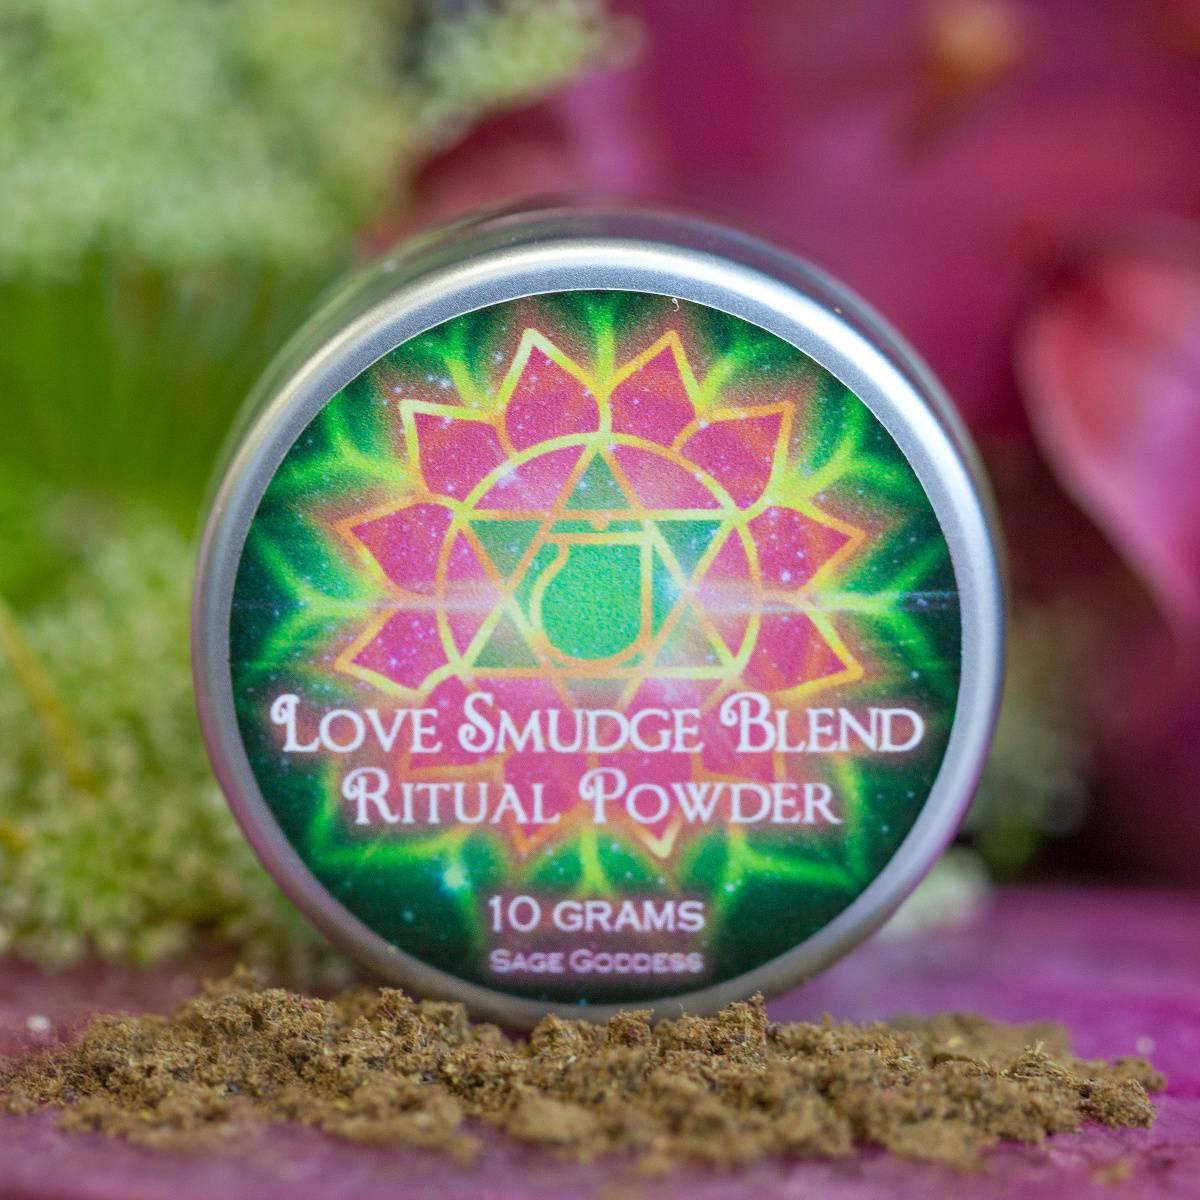 Love Smudge Blend Ritual Powder 1_23